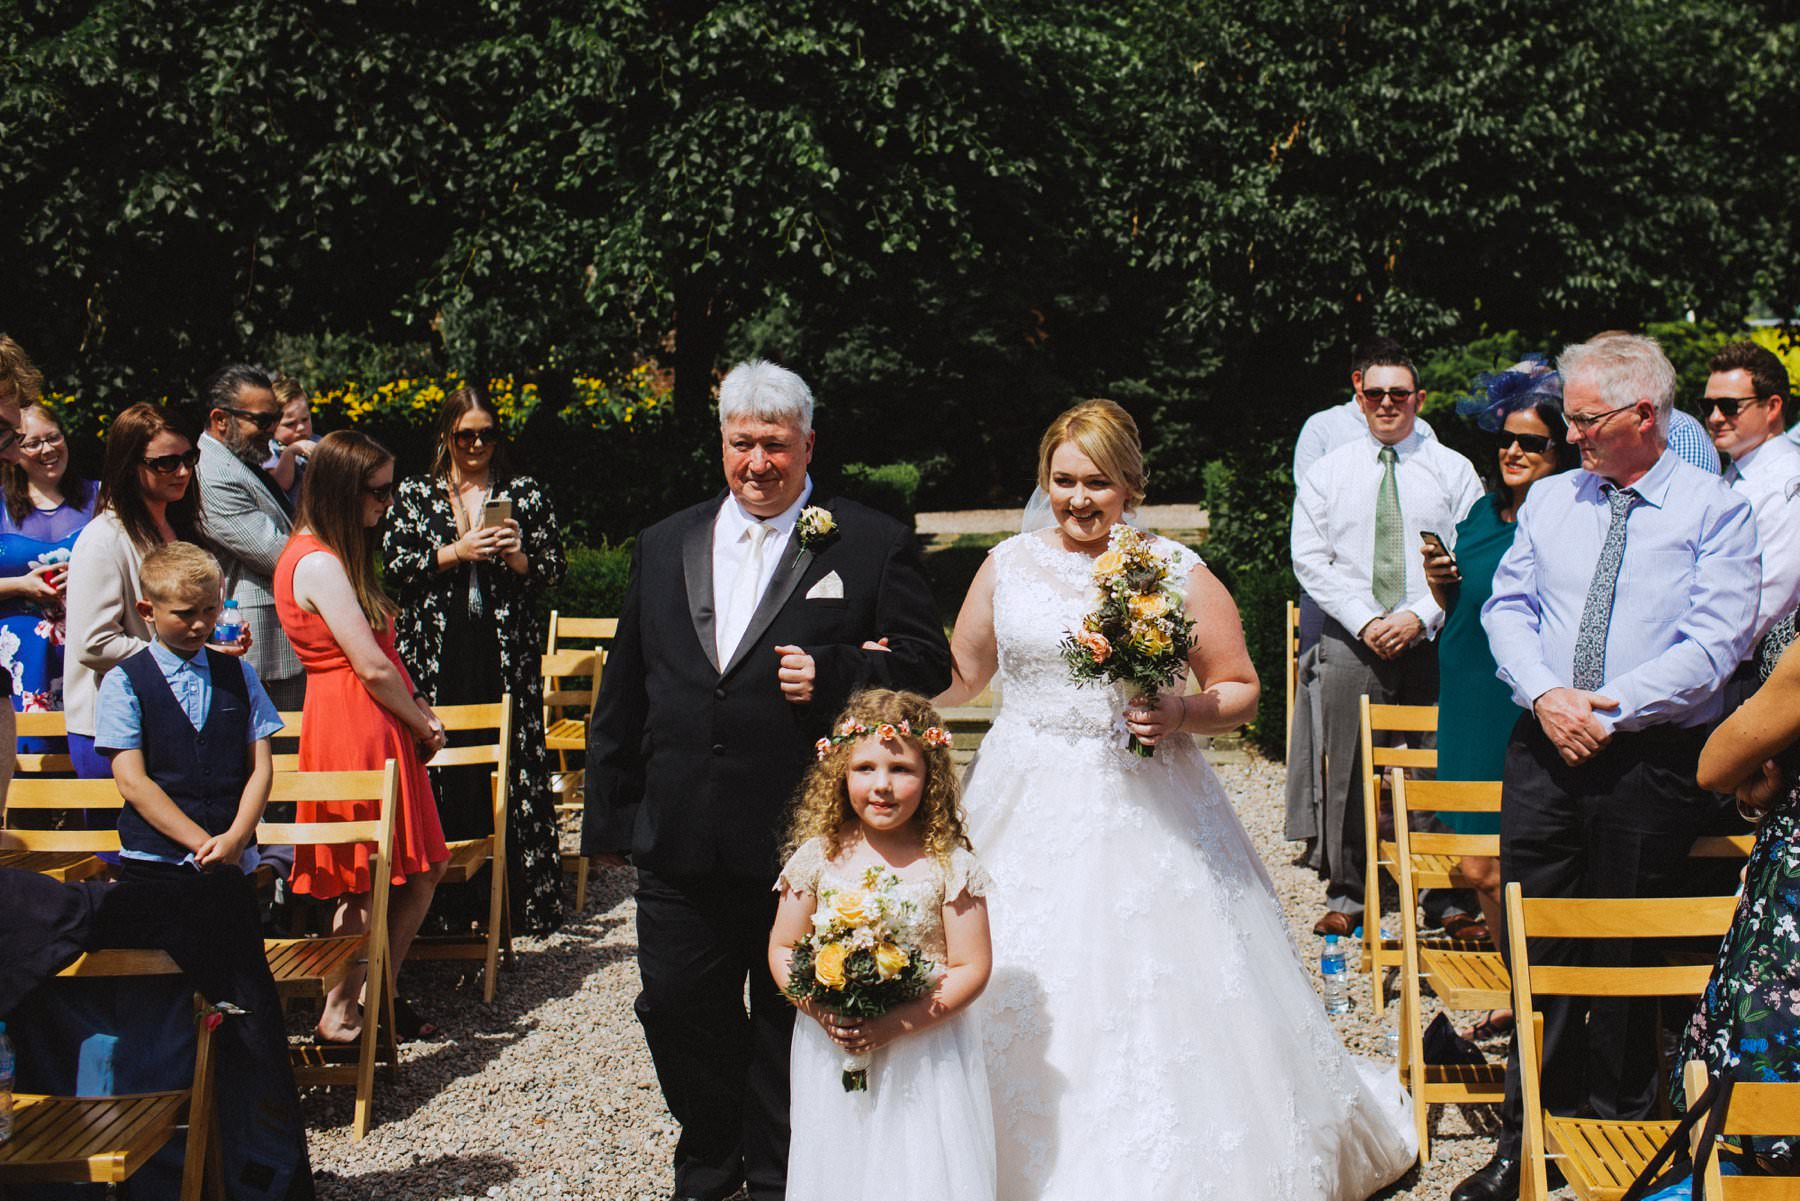 austrialian bride in northern ireland wedding venue larchfield estate